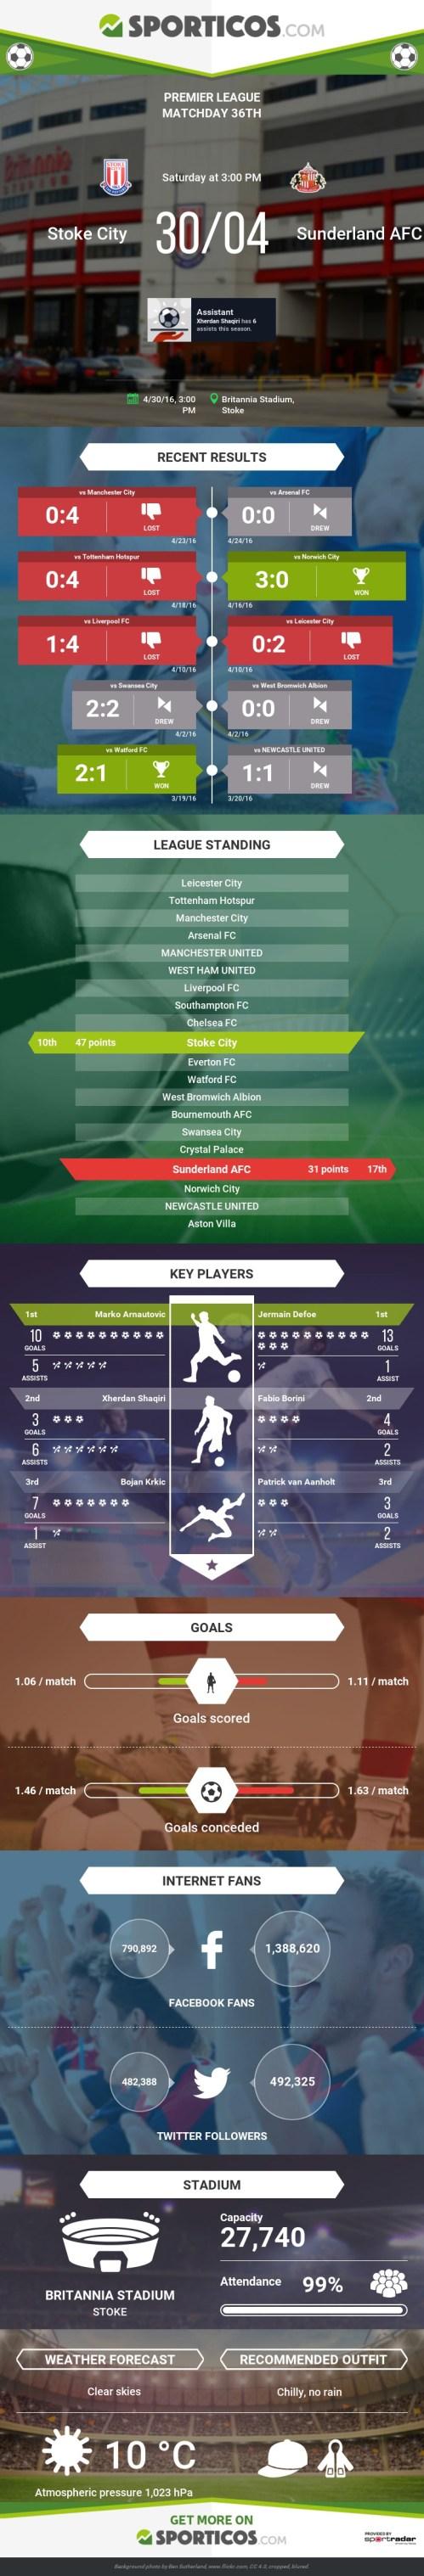 Sporticos_com_stoke_city_vs_sunderland_afc